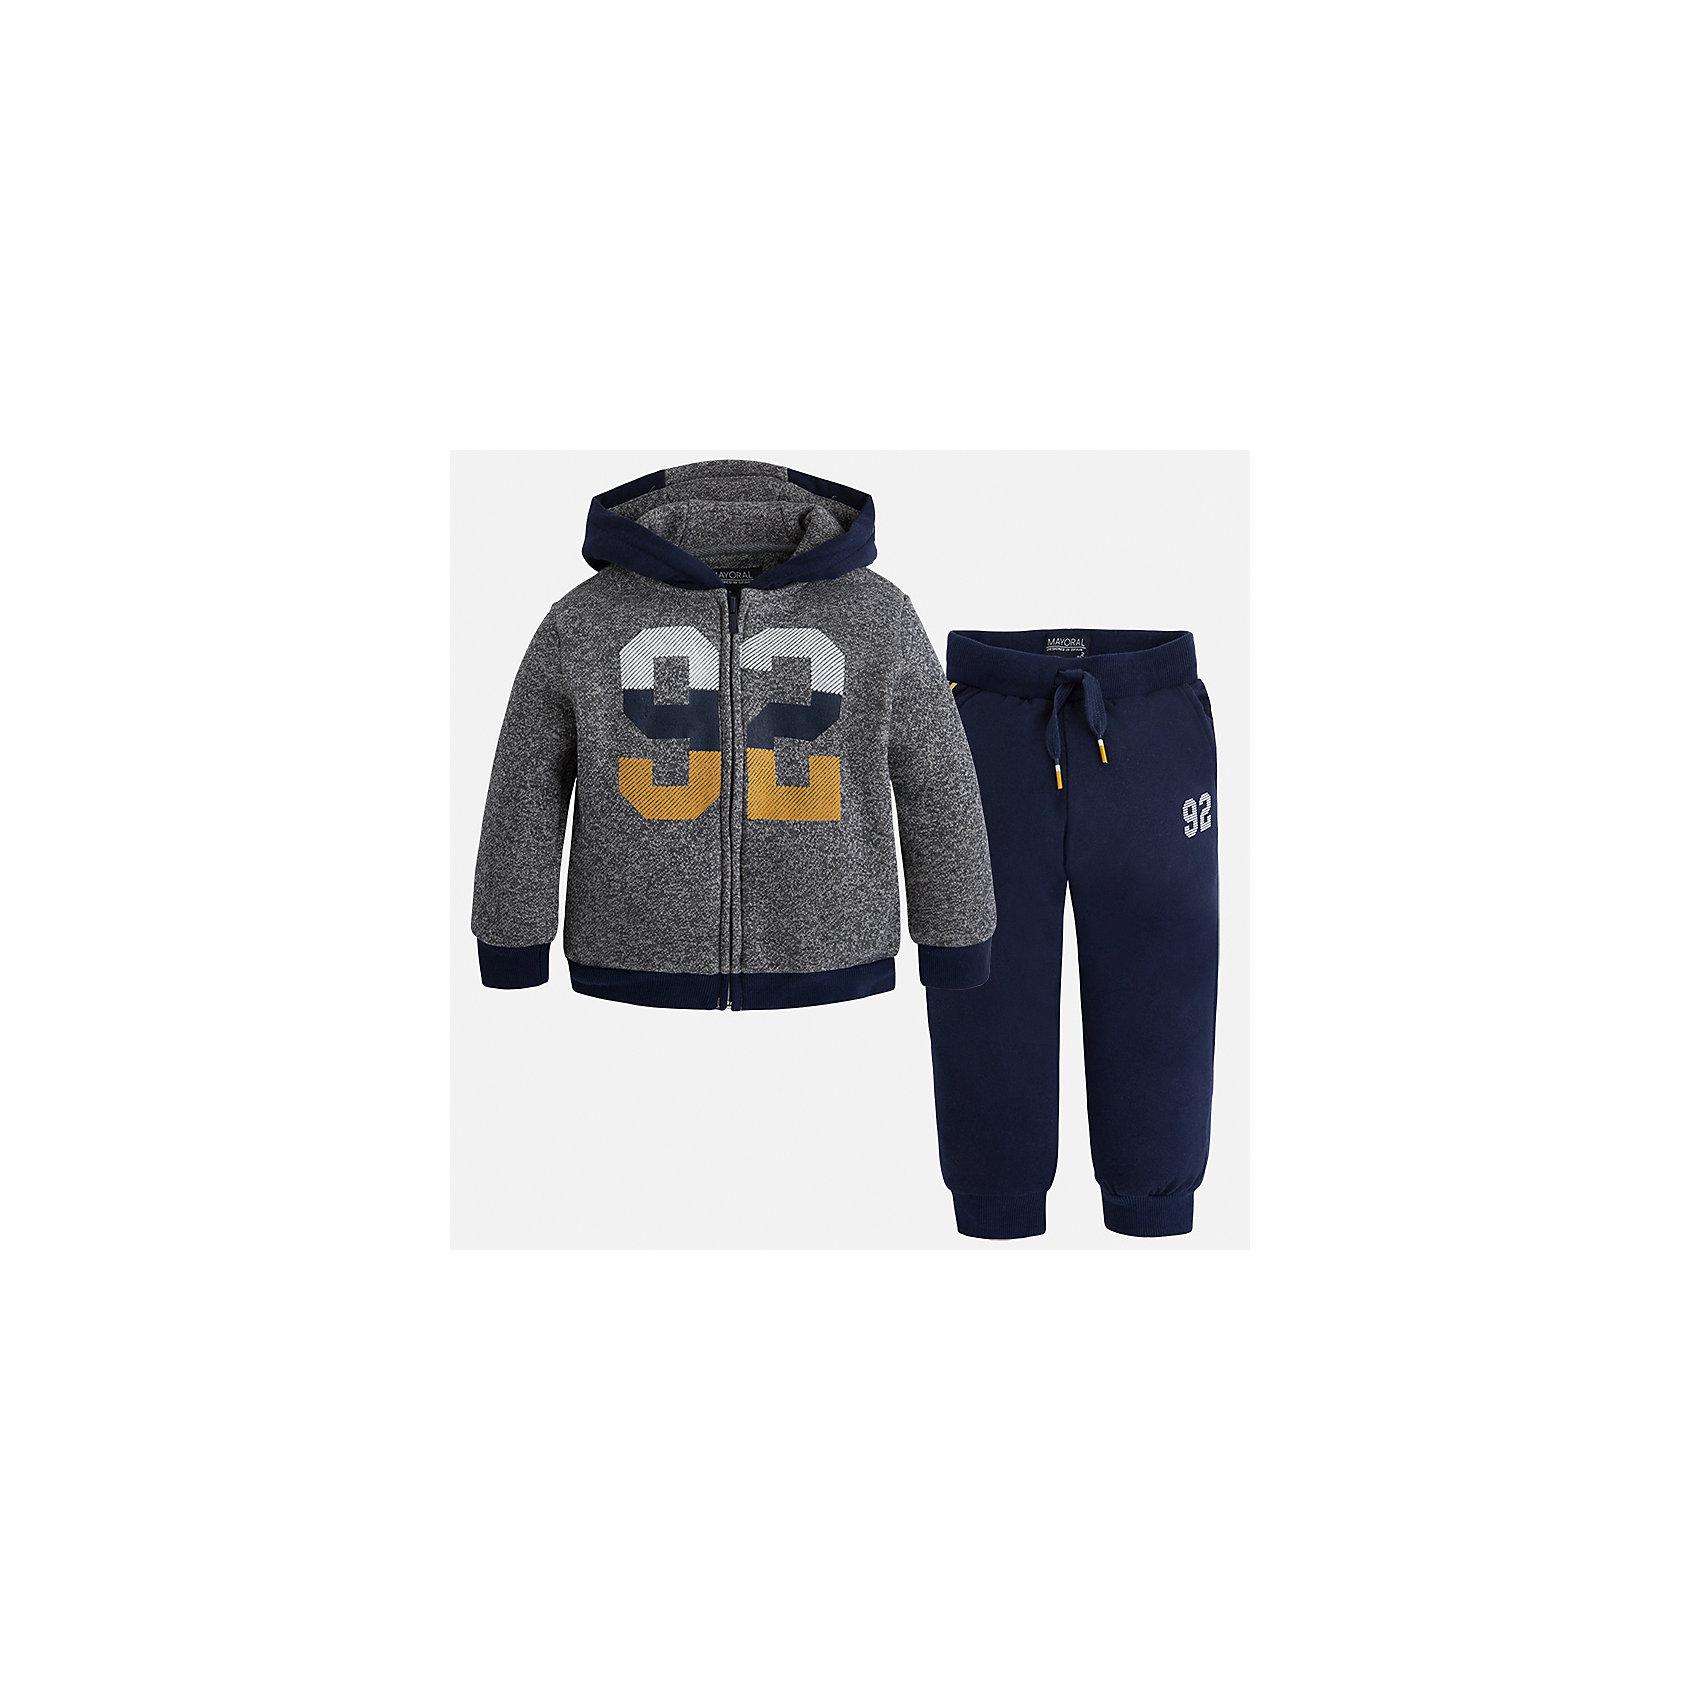 Спортивный костюм Mayoral для мальчикаКомплекты<br>Характеристики товара:<br><br>• цвет: синий<br>• состав ткани: 60% хлопок, 40% полиэстер<br>• комплектация: куртка, брюки<br>• сезон: демисезон<br>• особенности модели: спортивный стиль<br>• застежка: молния<br>• длинные рукава<br>• пояс брюк: резинка, шнурок<br>• страна бренда: Испания<br>• страна изготовитель: Индия<br><br>Модный спортивный костюм для мальчика от Майорал поможет обеспечить ребенку комфорт. Детский костюм для спорта отличается стильным и продуманным дизайном. В спортивном костюме для мальчика от испанской компании Майорал ребенок будет выглядеть модно, а чувствовать себя - комфортно. <br><br>Спортивный костюм для мальчика Mayoral (Майорал) можно купить в нашем интернет-магазине.<br><br>Ширина мм: 247<br>Глубина мм: 16<br>Высота мм: 140<br>Вес г: 225<br>Цвет: синий<br>Возраст от месяцев: 96<br>Возраст до месяцев: 108<br>Пол: Мужской<br>Возраст: Детский<br>Размер: 134,92,98,104,110,116,122,128<br>SKU: 6933061